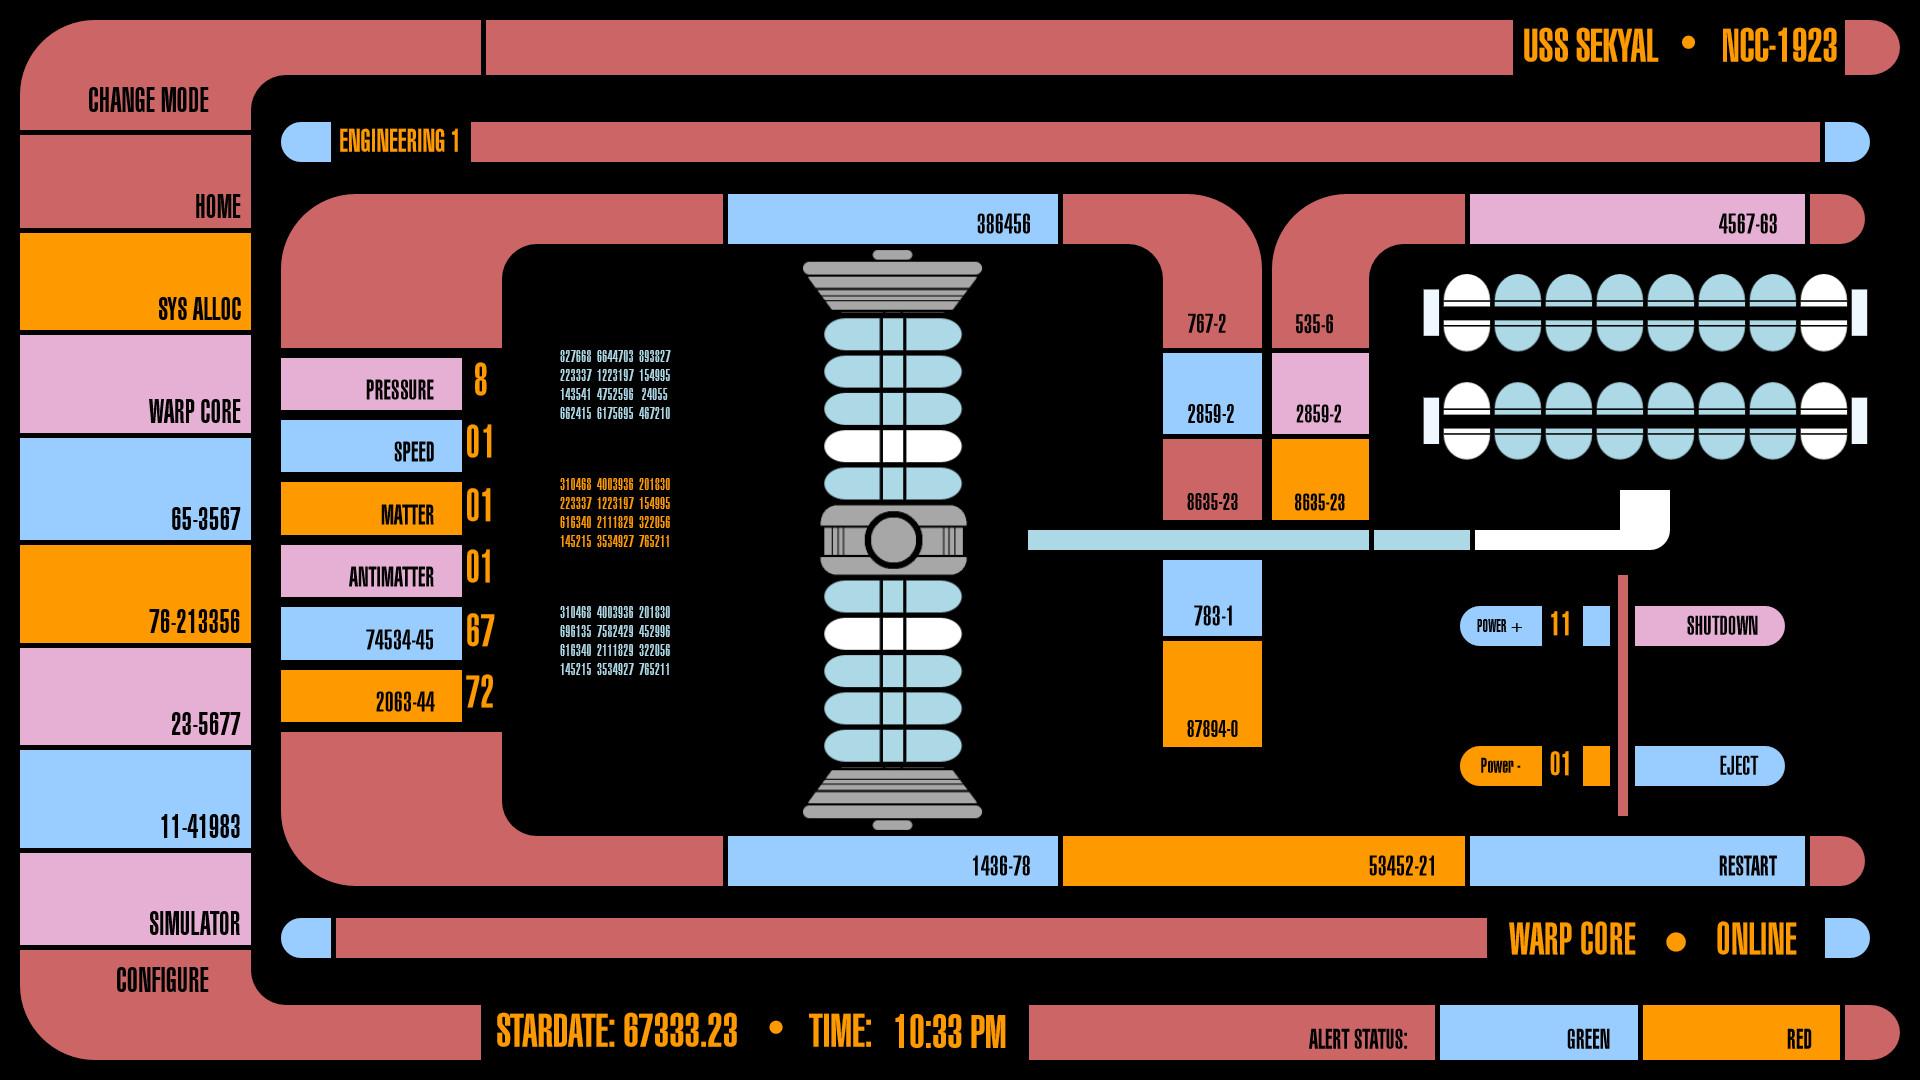 Star Trek Lcars Iphone Wallpaper 59 Images